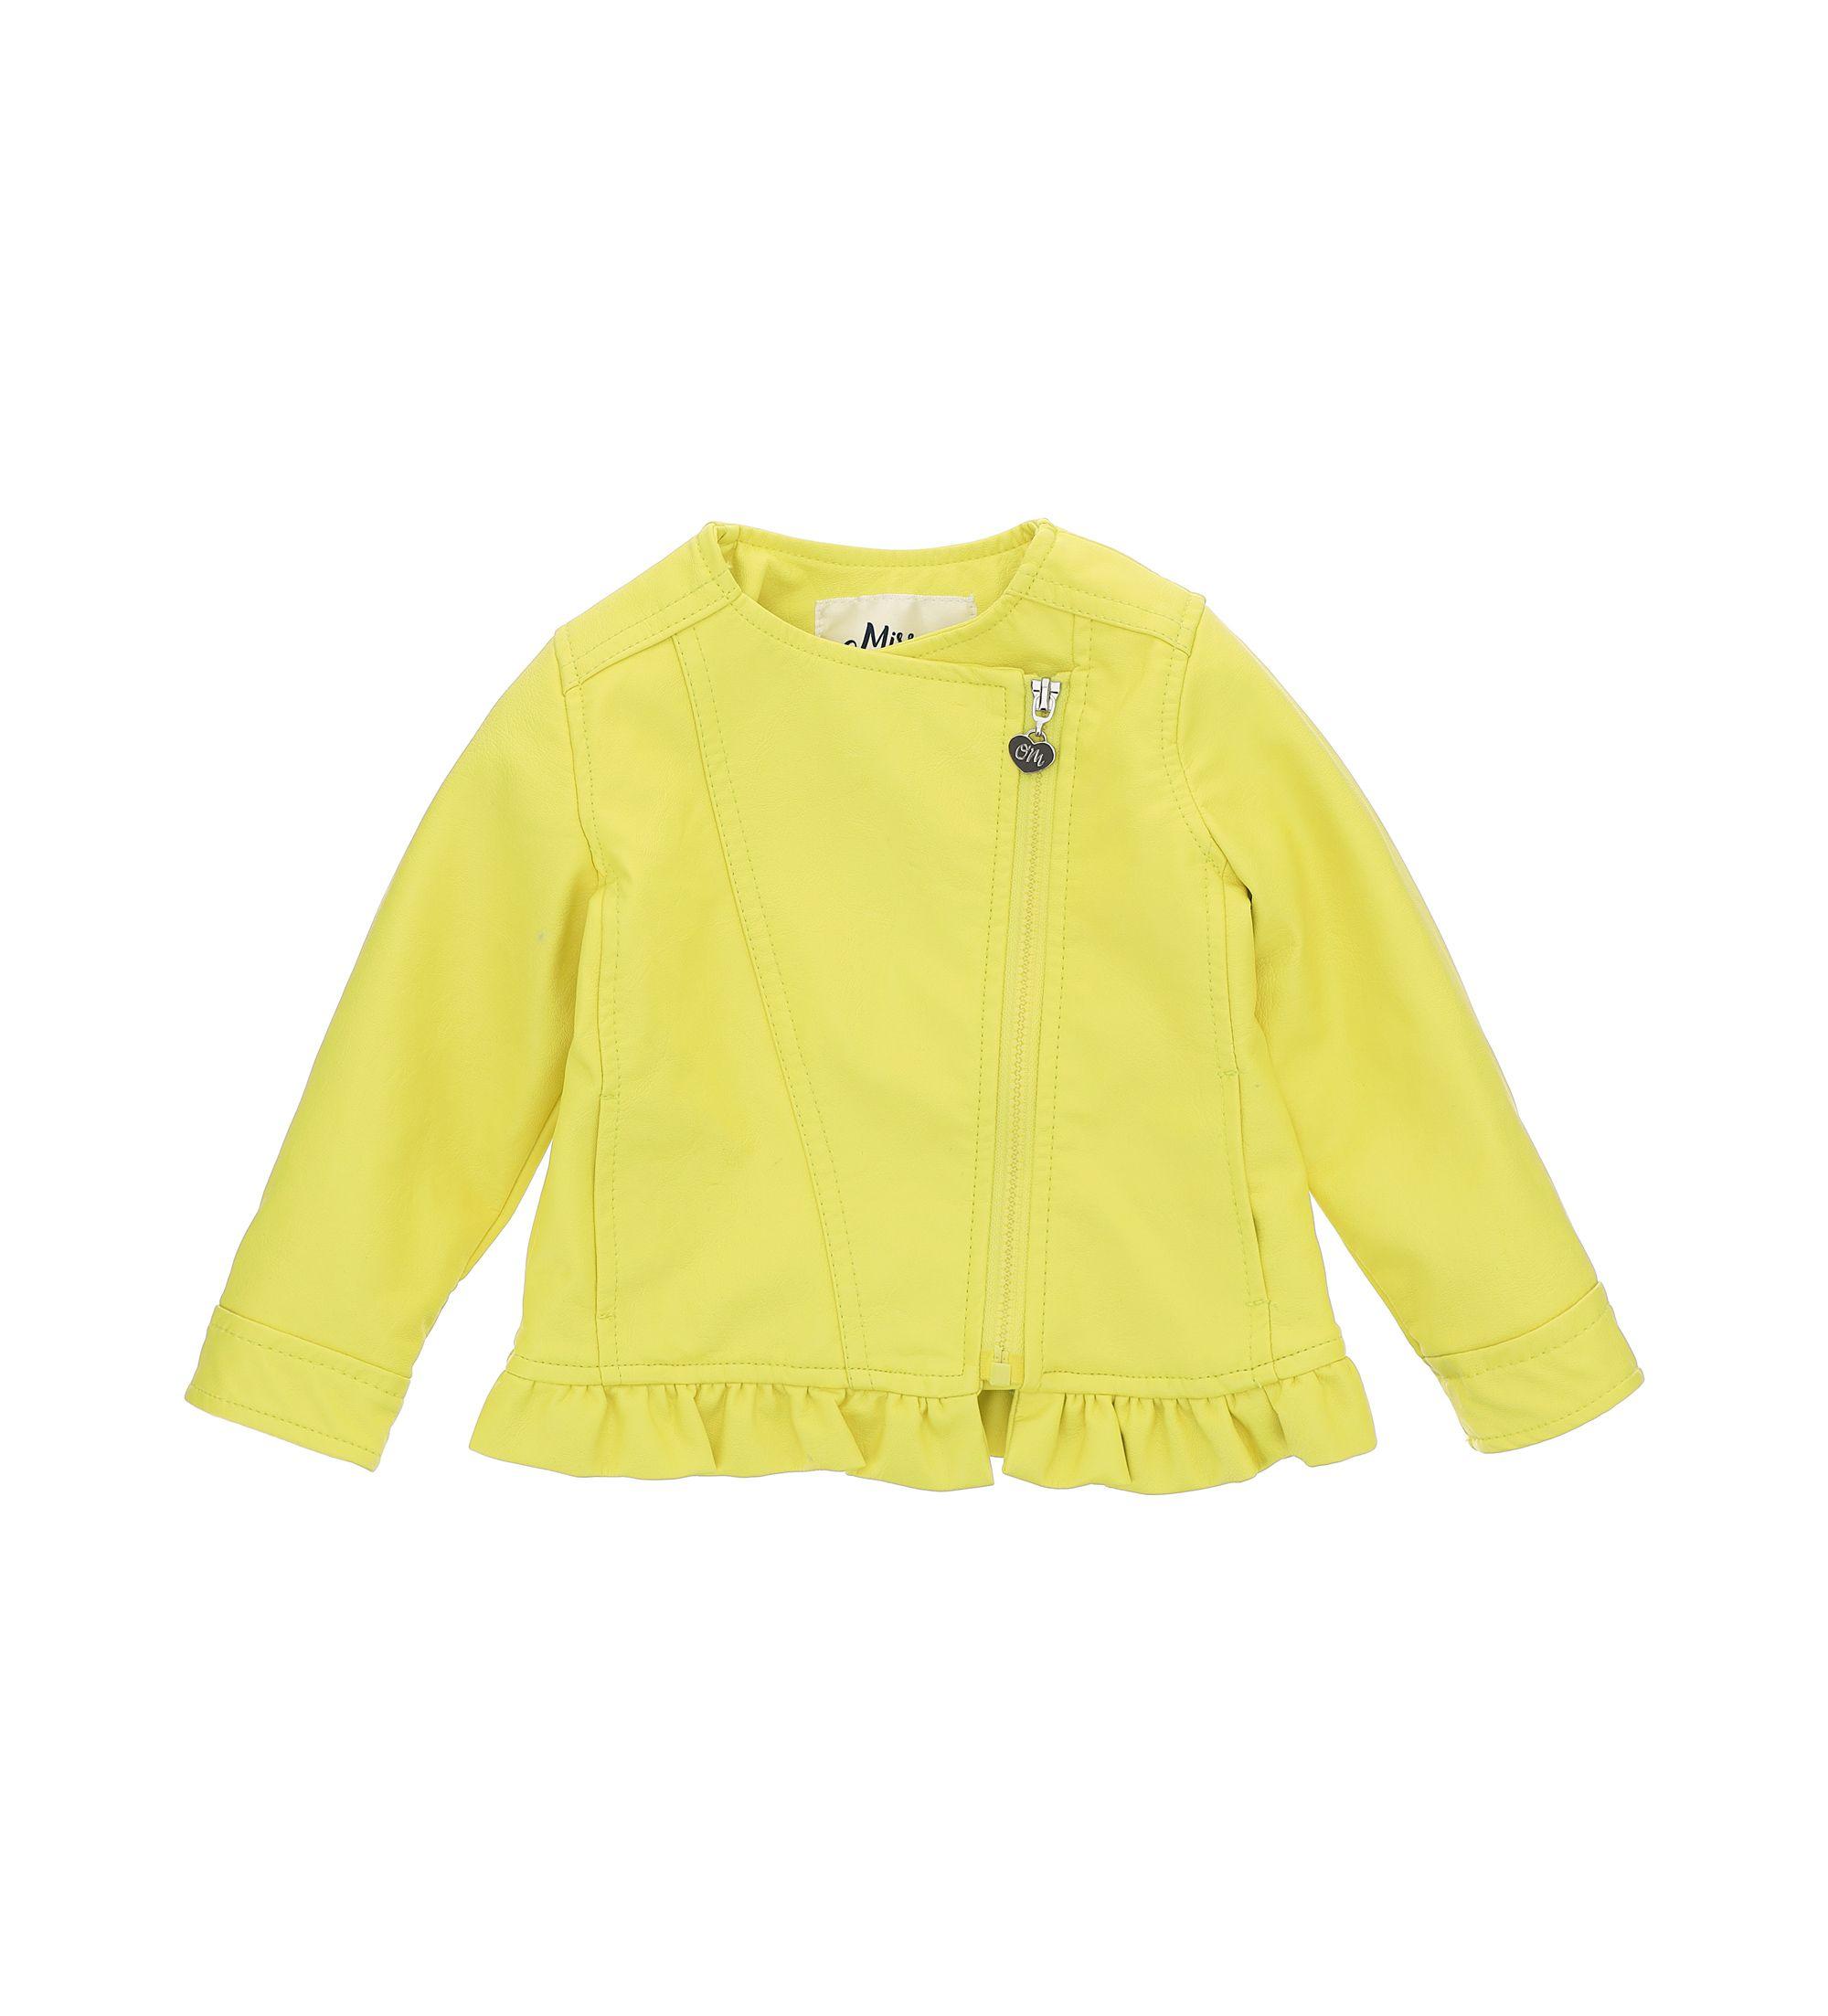 Купить Куртка, экокожа Original Marines, желтый, 68, Девочки, весна